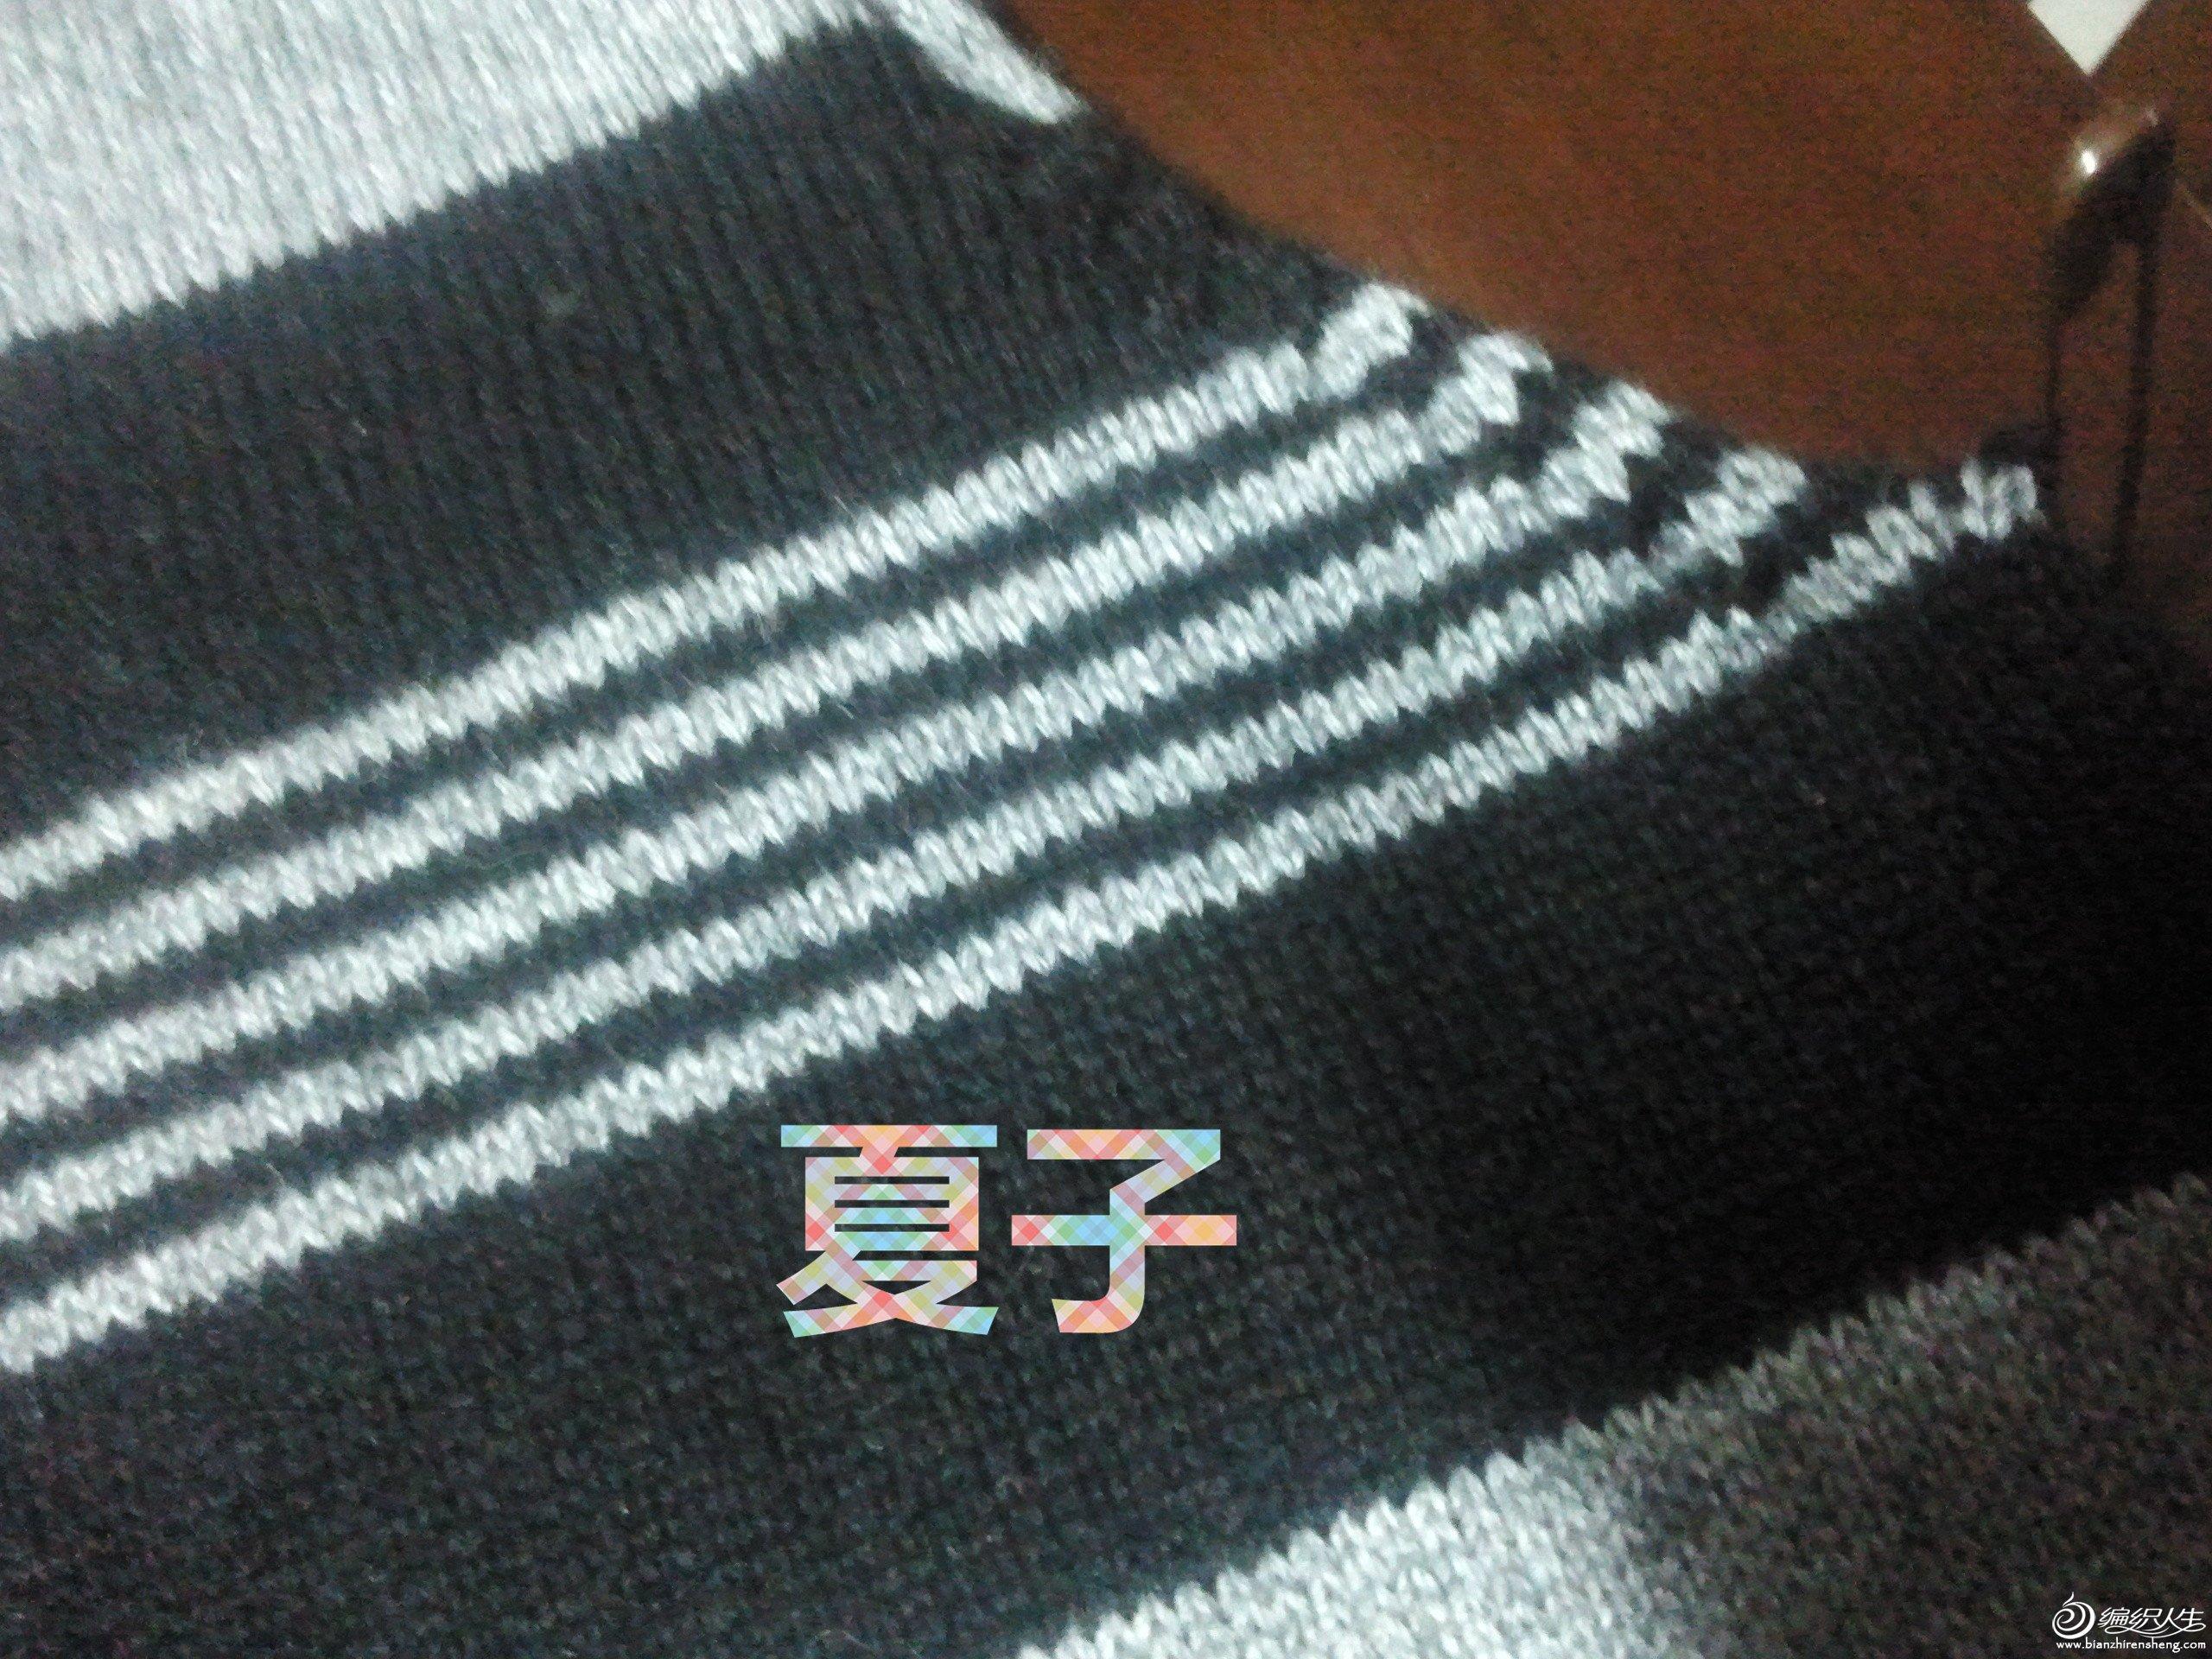 2013-11-24 15.48.13_副本.jpg